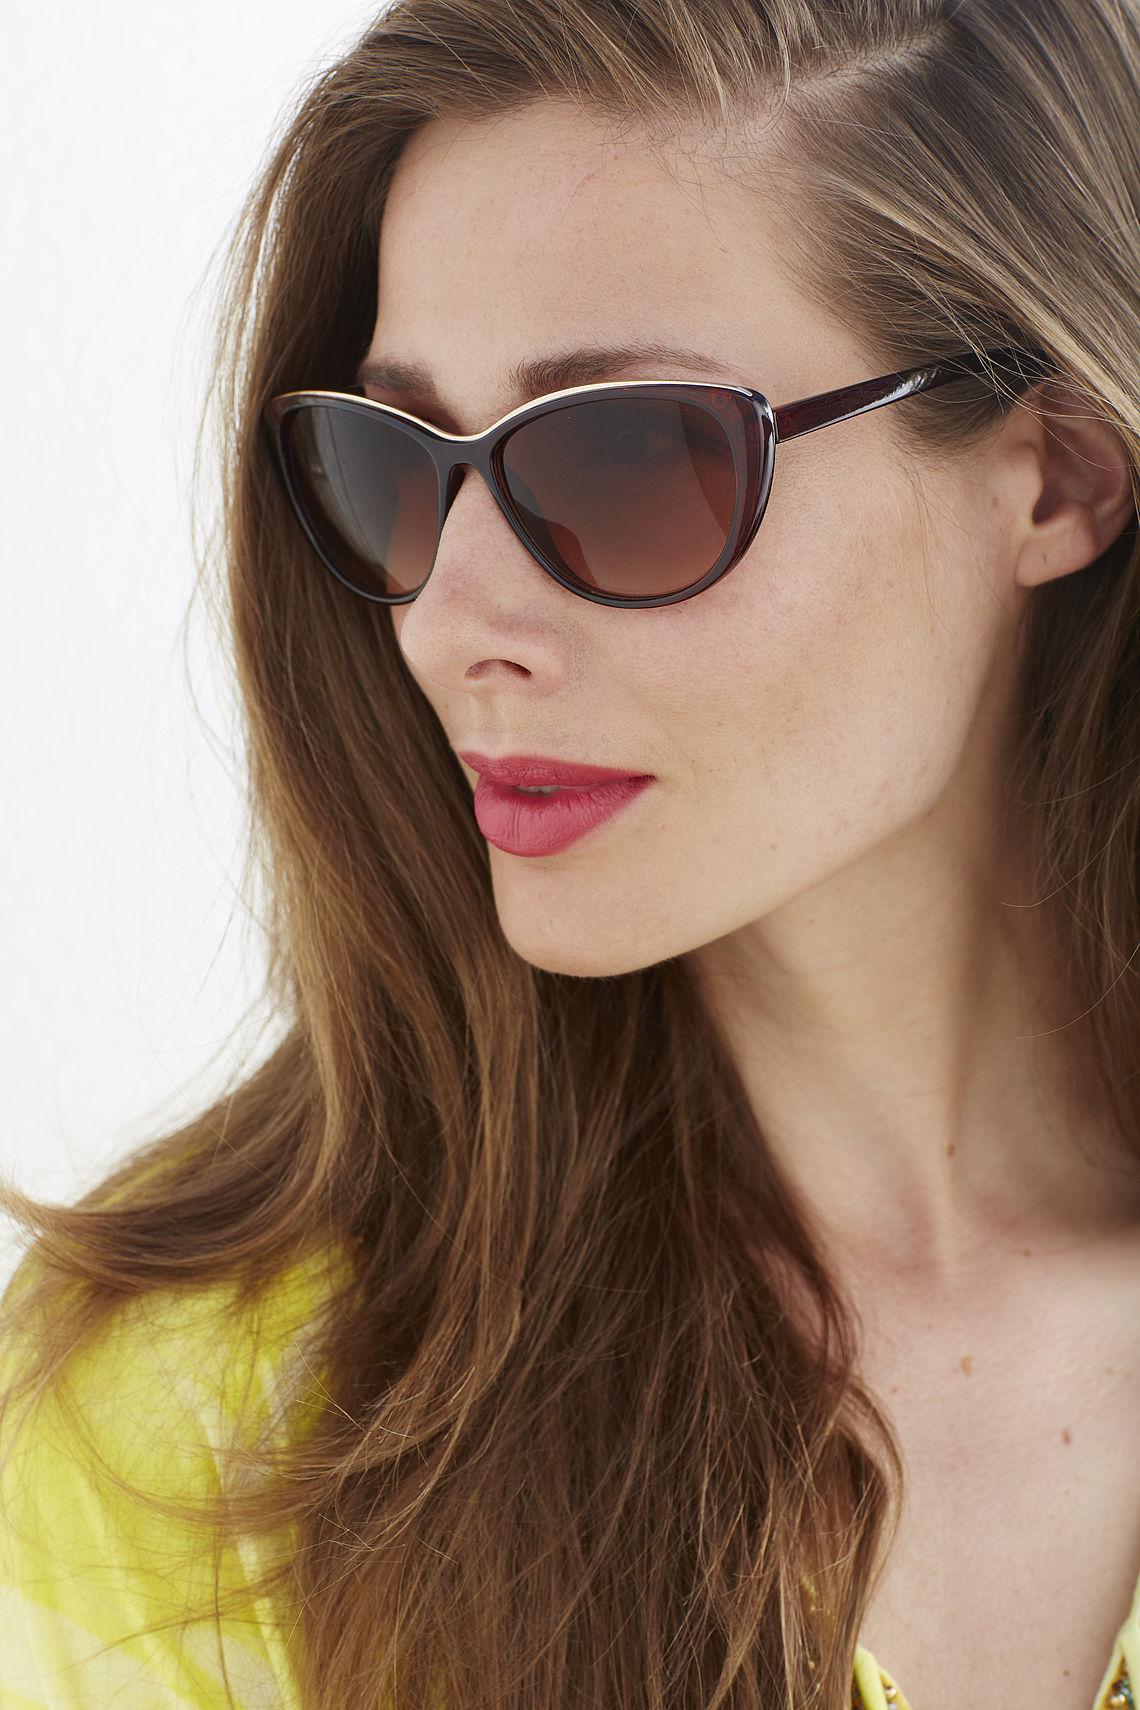 Woman wearing Cateye sunglasses 302070